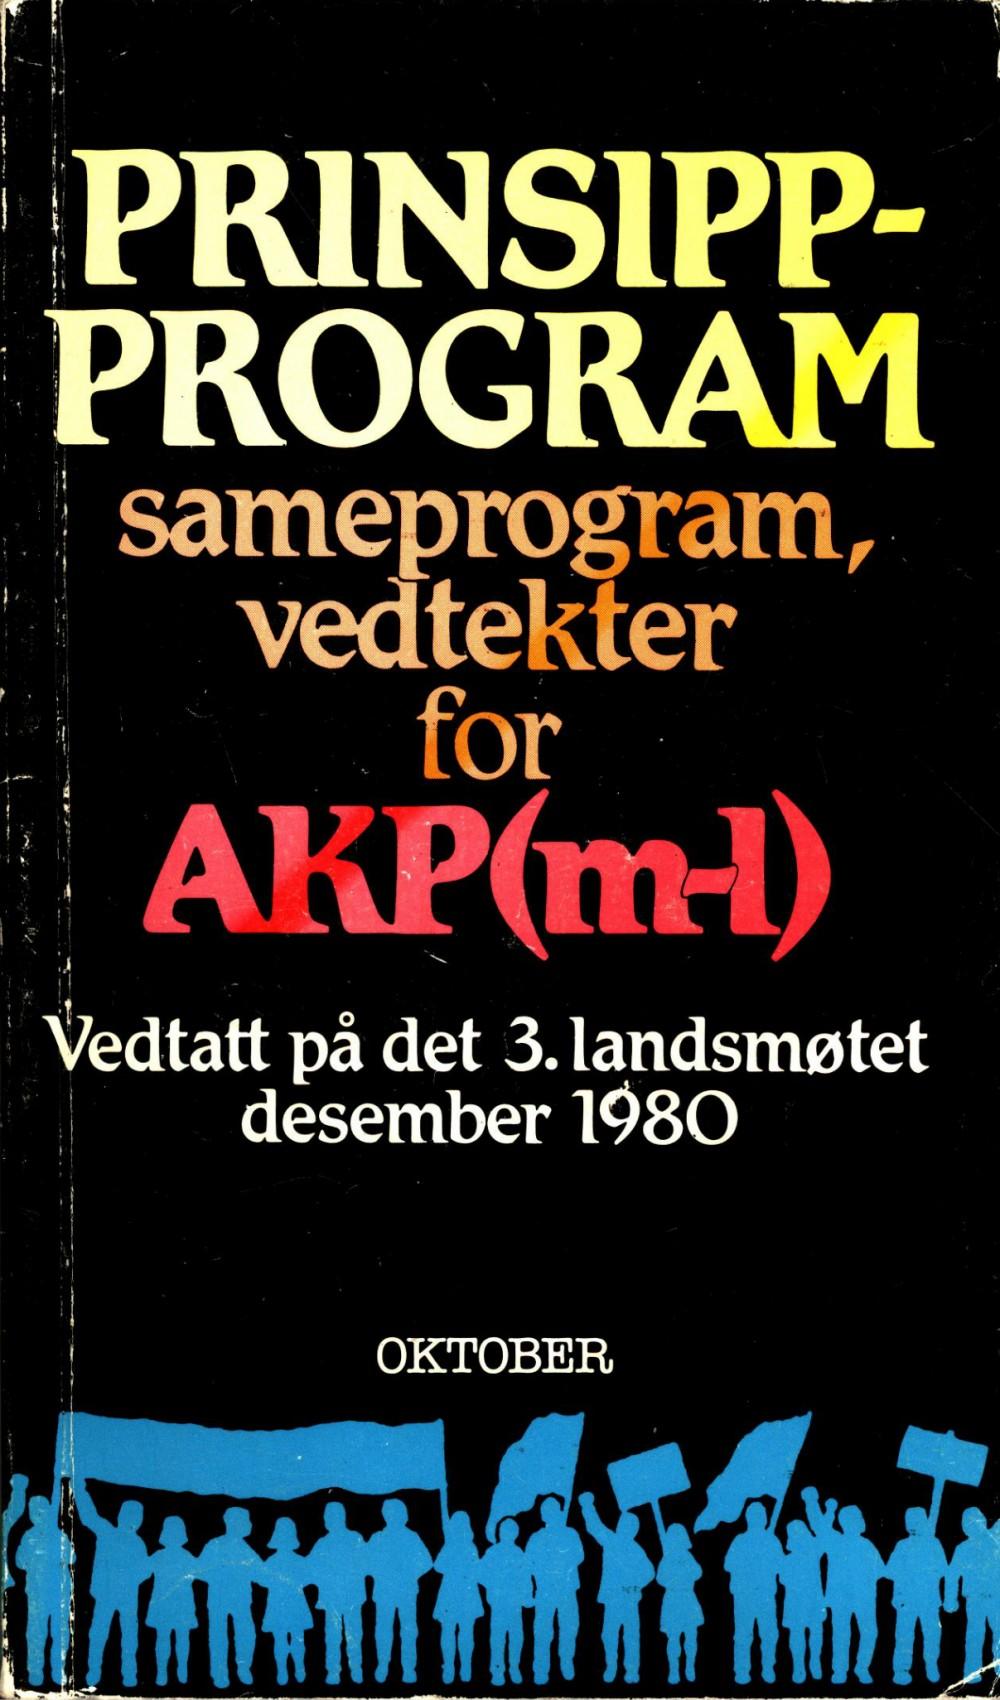 Prinsipprogram, sameprogram, vedtekter for AKP(m-l) - Vedtatt på det 3. landsmøtet 1980